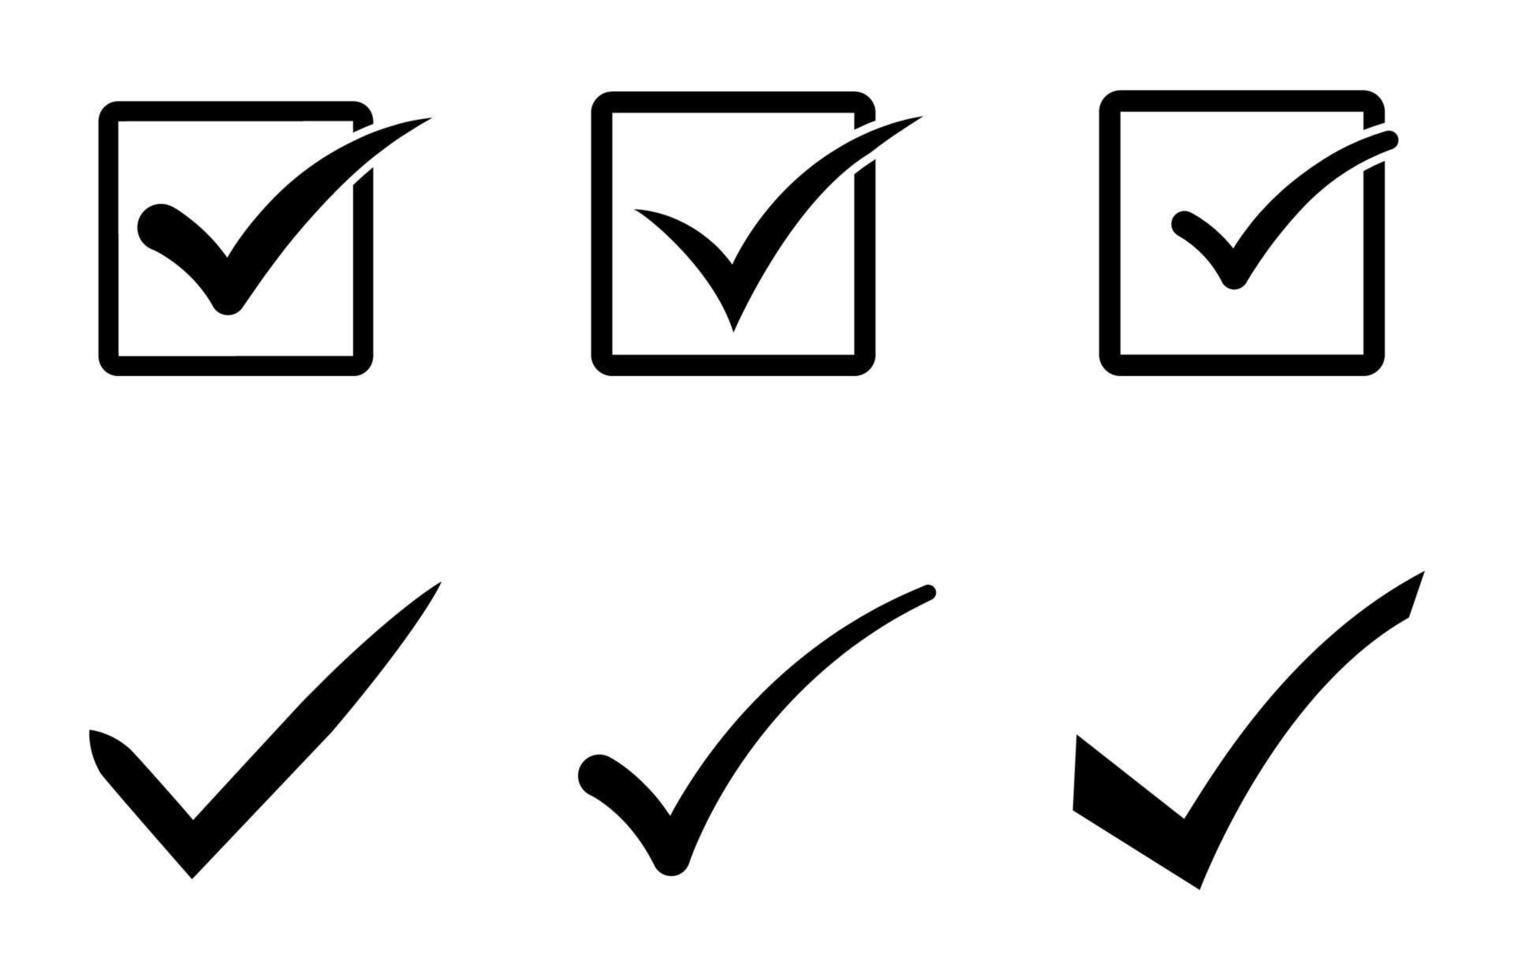 verifique o conjunto de ícones - ilustração vetorial. vetor